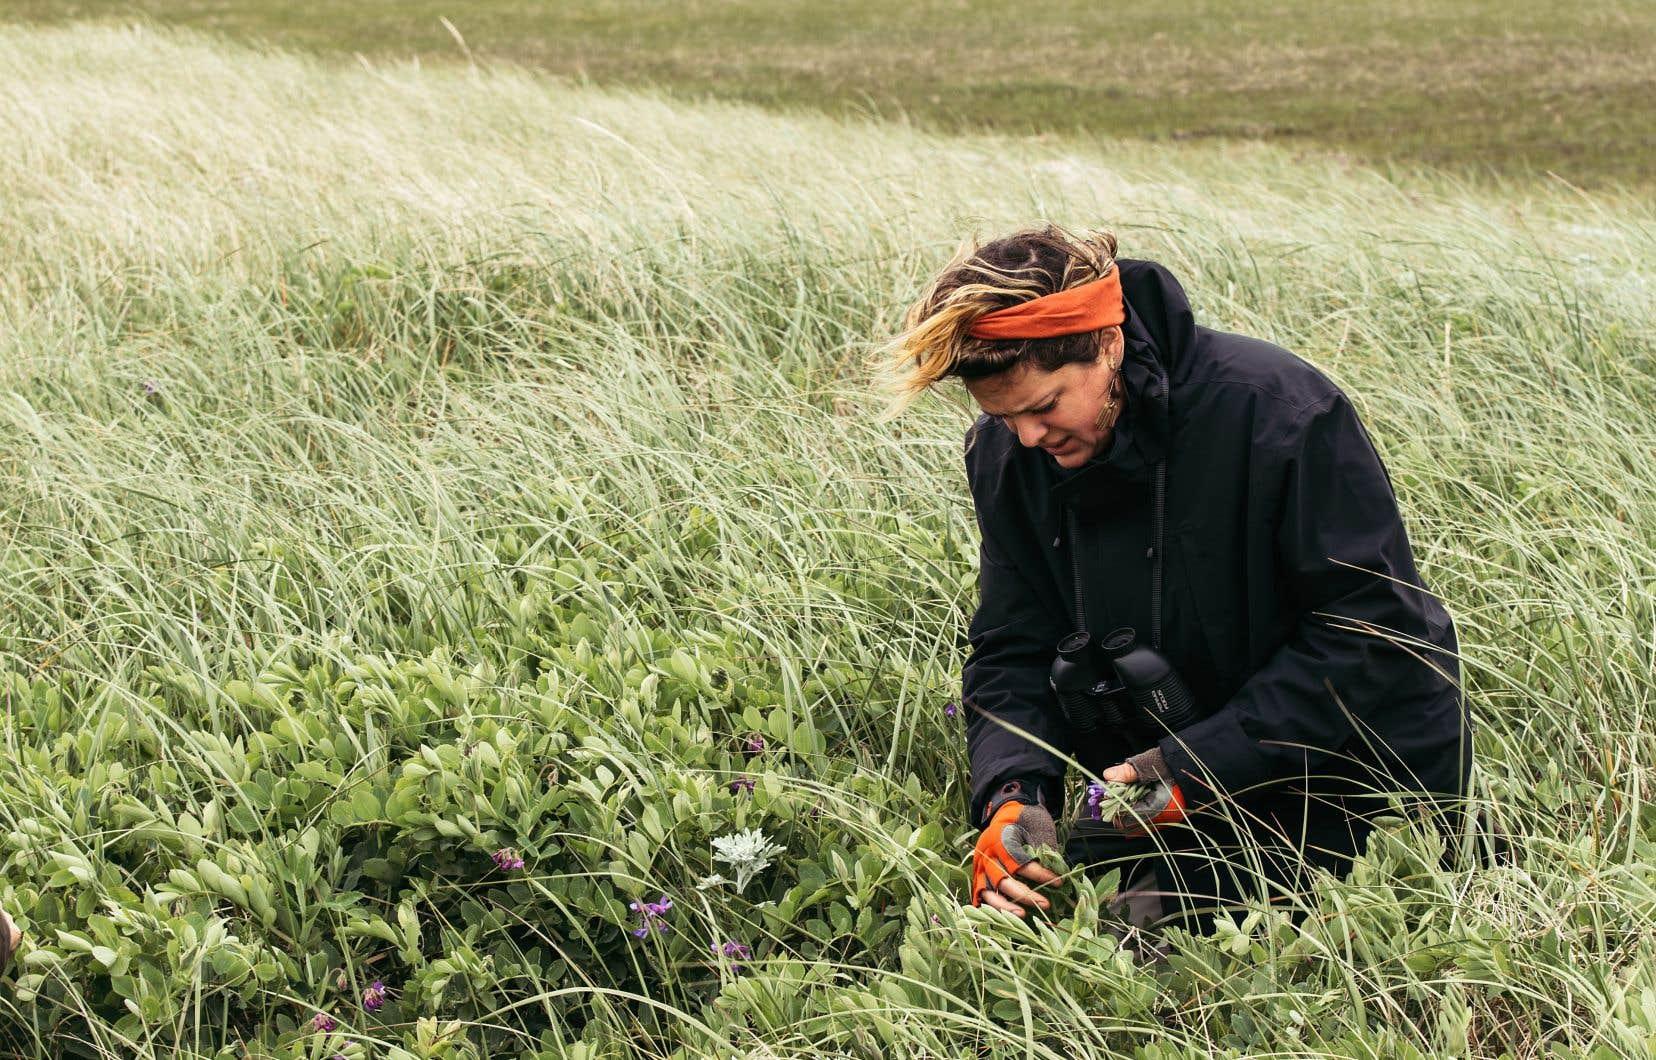 Pour Élisabeth Cardin, cueilleuse, pêcheuse et chasseuse, se réapproprier l'histoire de notre alimentation était le point de départ du livre «L'érable et la perdrix».